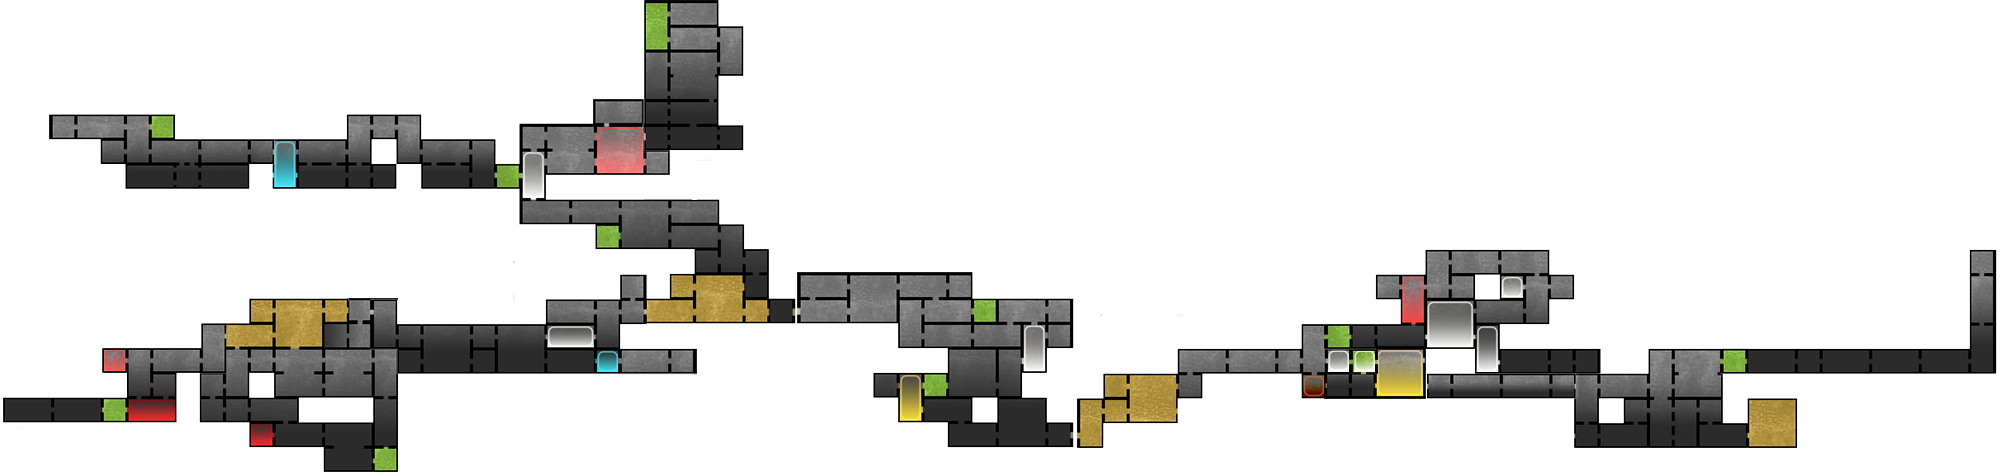 Abyssal City Map | Valdis Story Wiki | FANDOM powered by Wikia